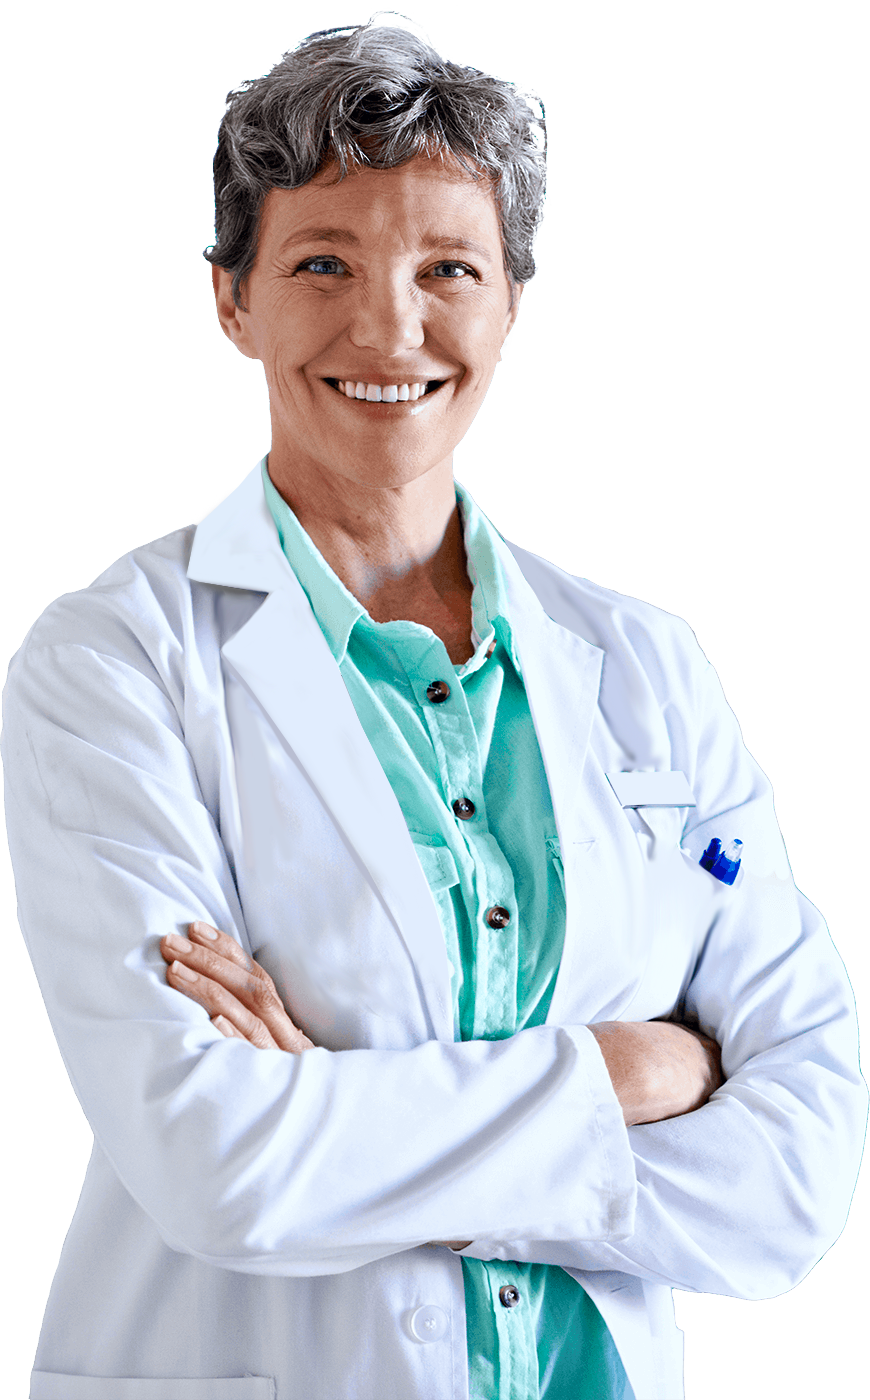 farmacista cliente farmacia evoluta